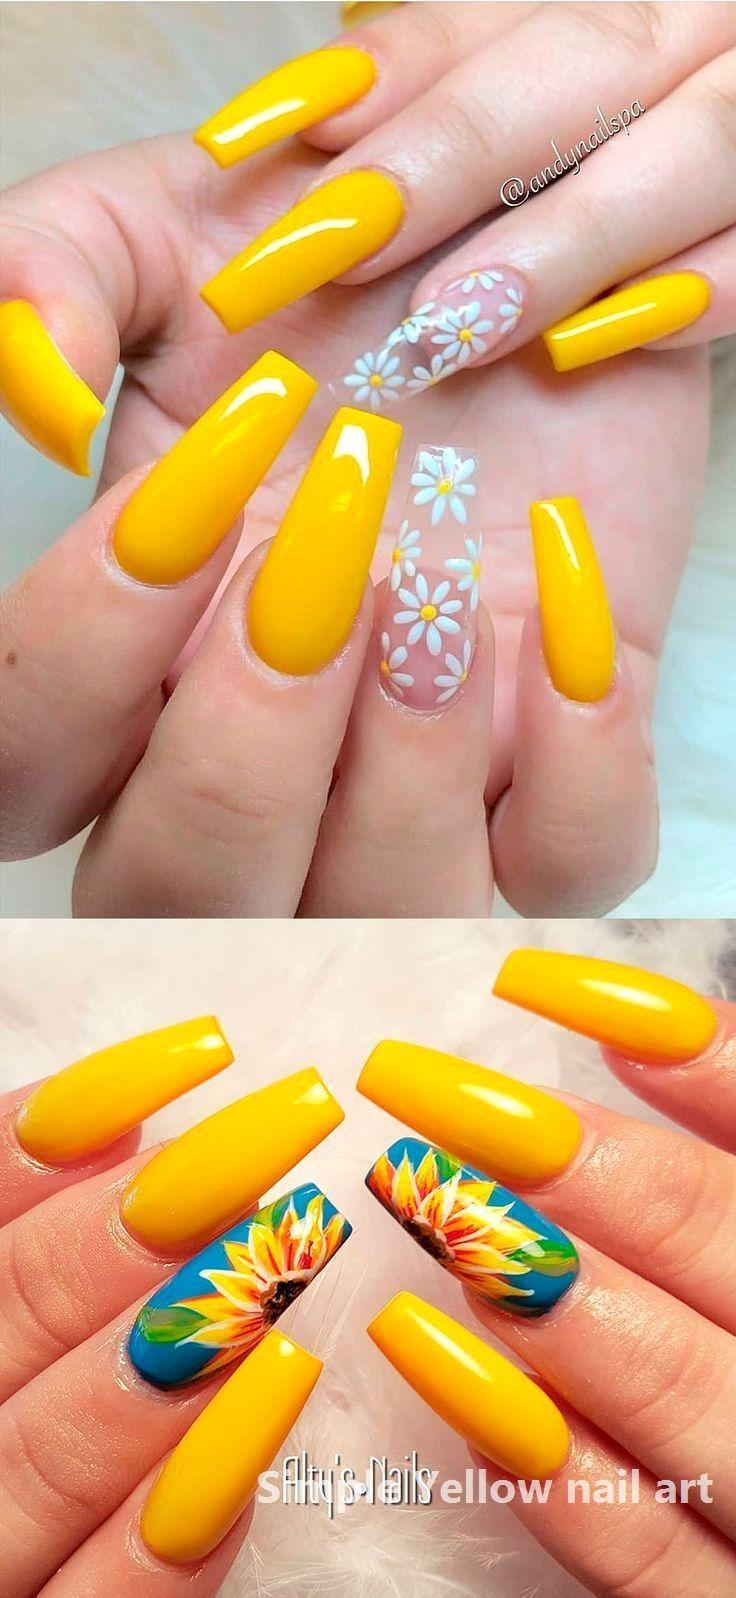 23 Great Yellow Nail Art Designs 2020 Naildesigns In 2020 Yellow Nails Design Nail Designs Summer Acrylic Yellow Nail Art